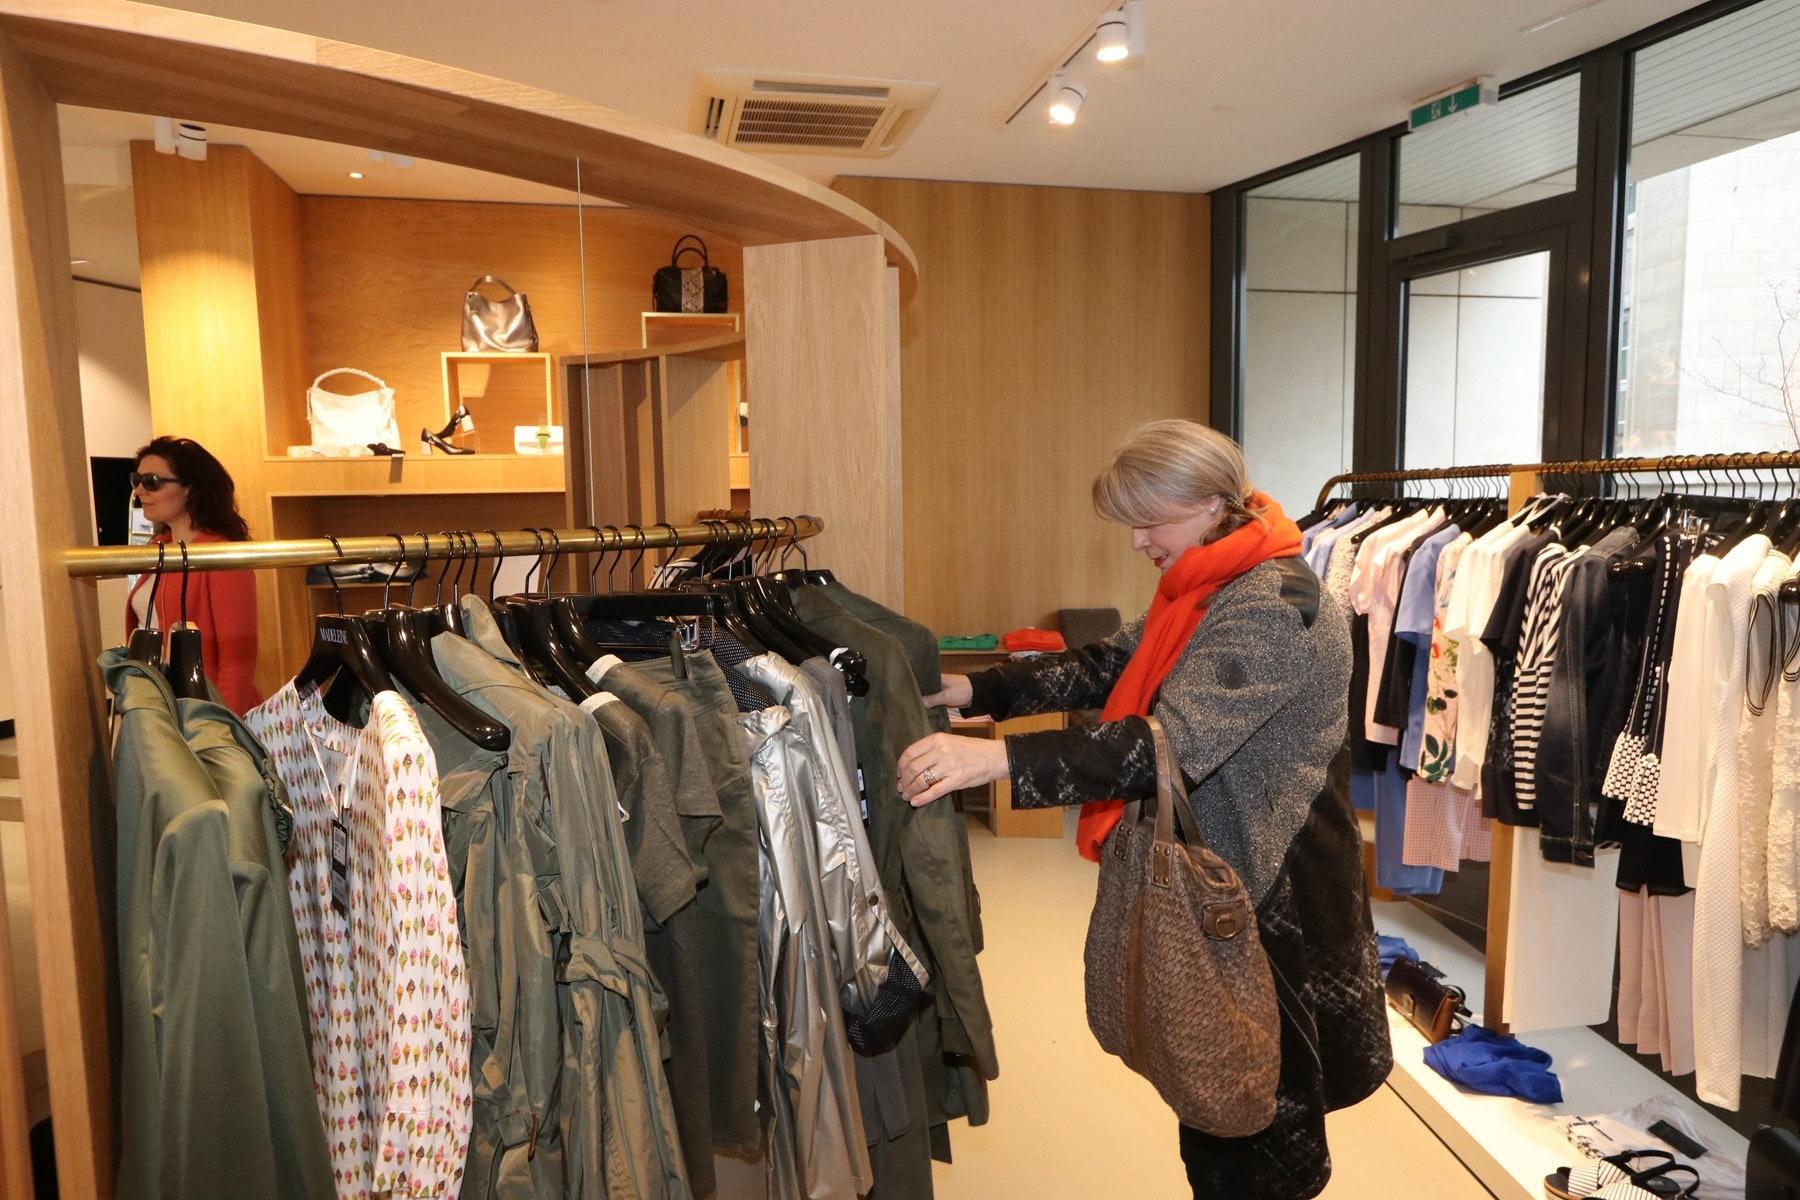 Kundin steht im Bekleidungsgeschäft und sieht sich verschiedene Artikel an, die an der Kleiderstange präsentiert werden.